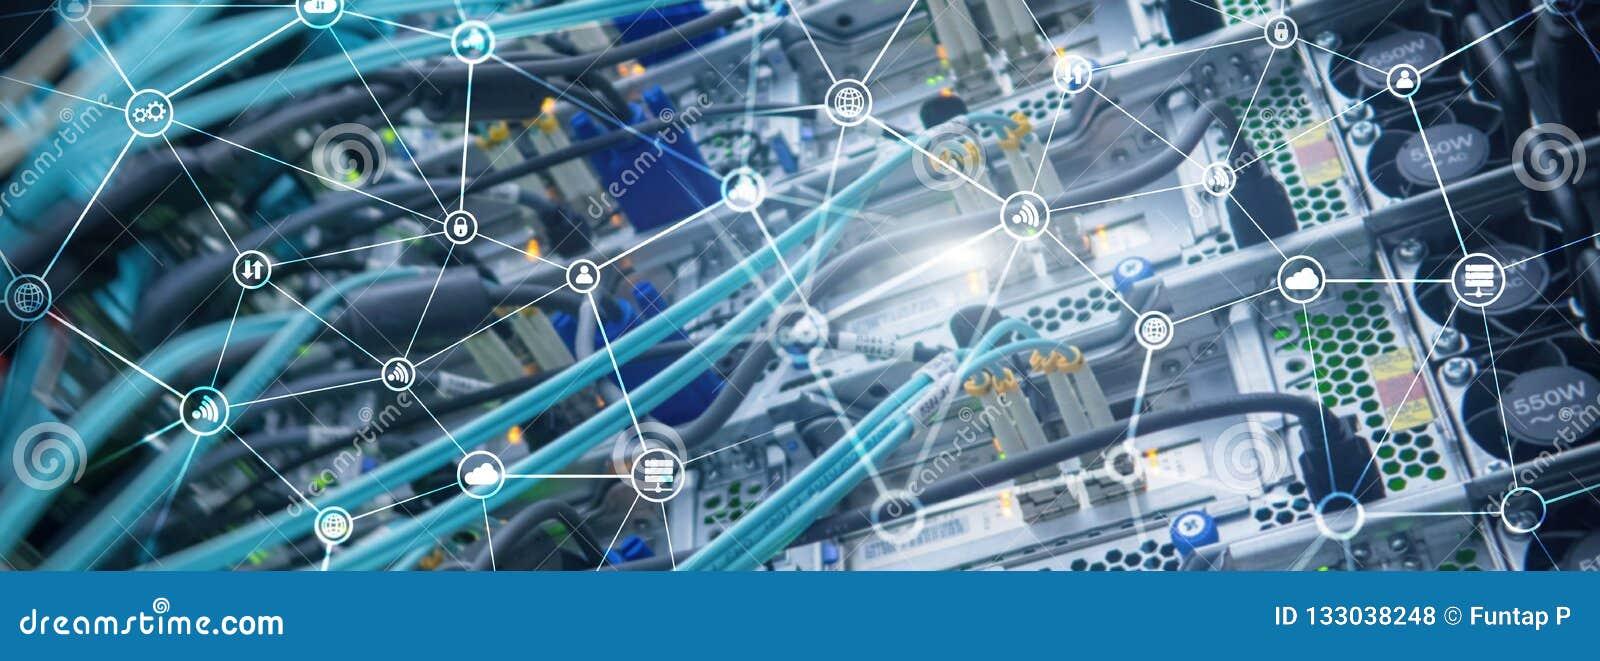 Conceito da telecomunicação com fundo abstrato da sala da estrutura e do servidor de rede